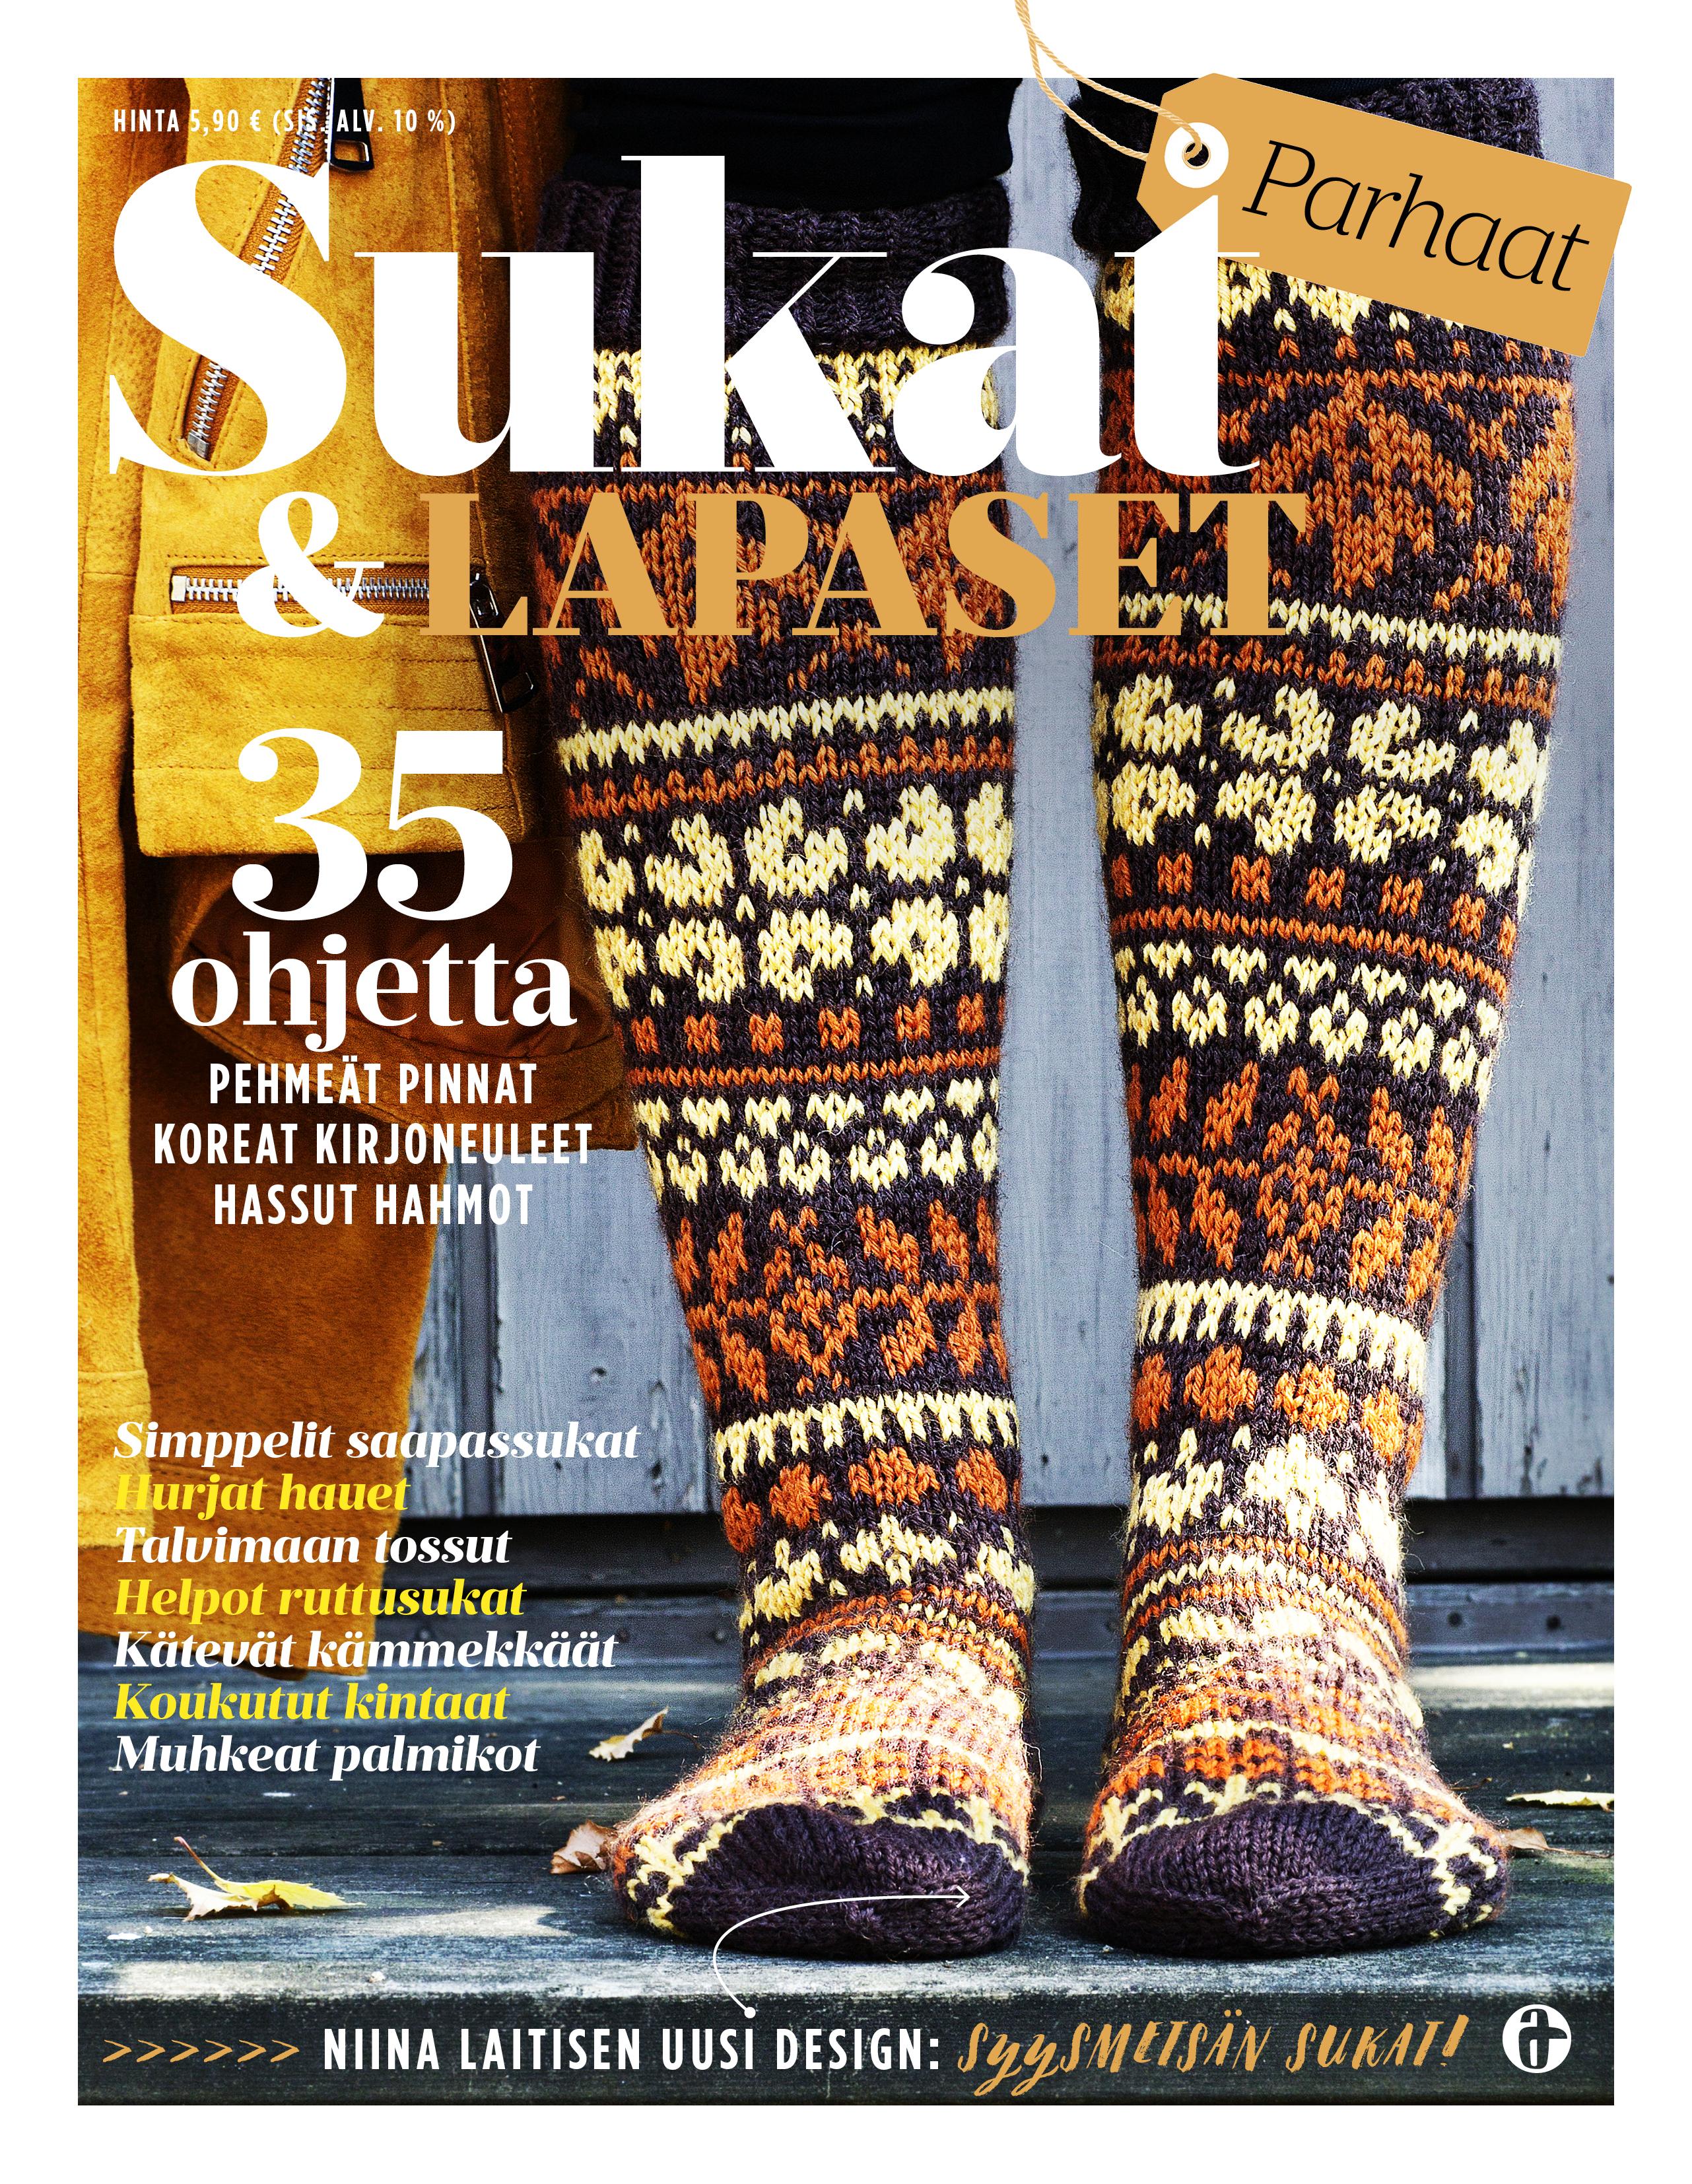 joulukalenteri sukka 2018 Joulukalenteri pienistä paketeista | Meillä kotona joulukalenteri sukka 2018